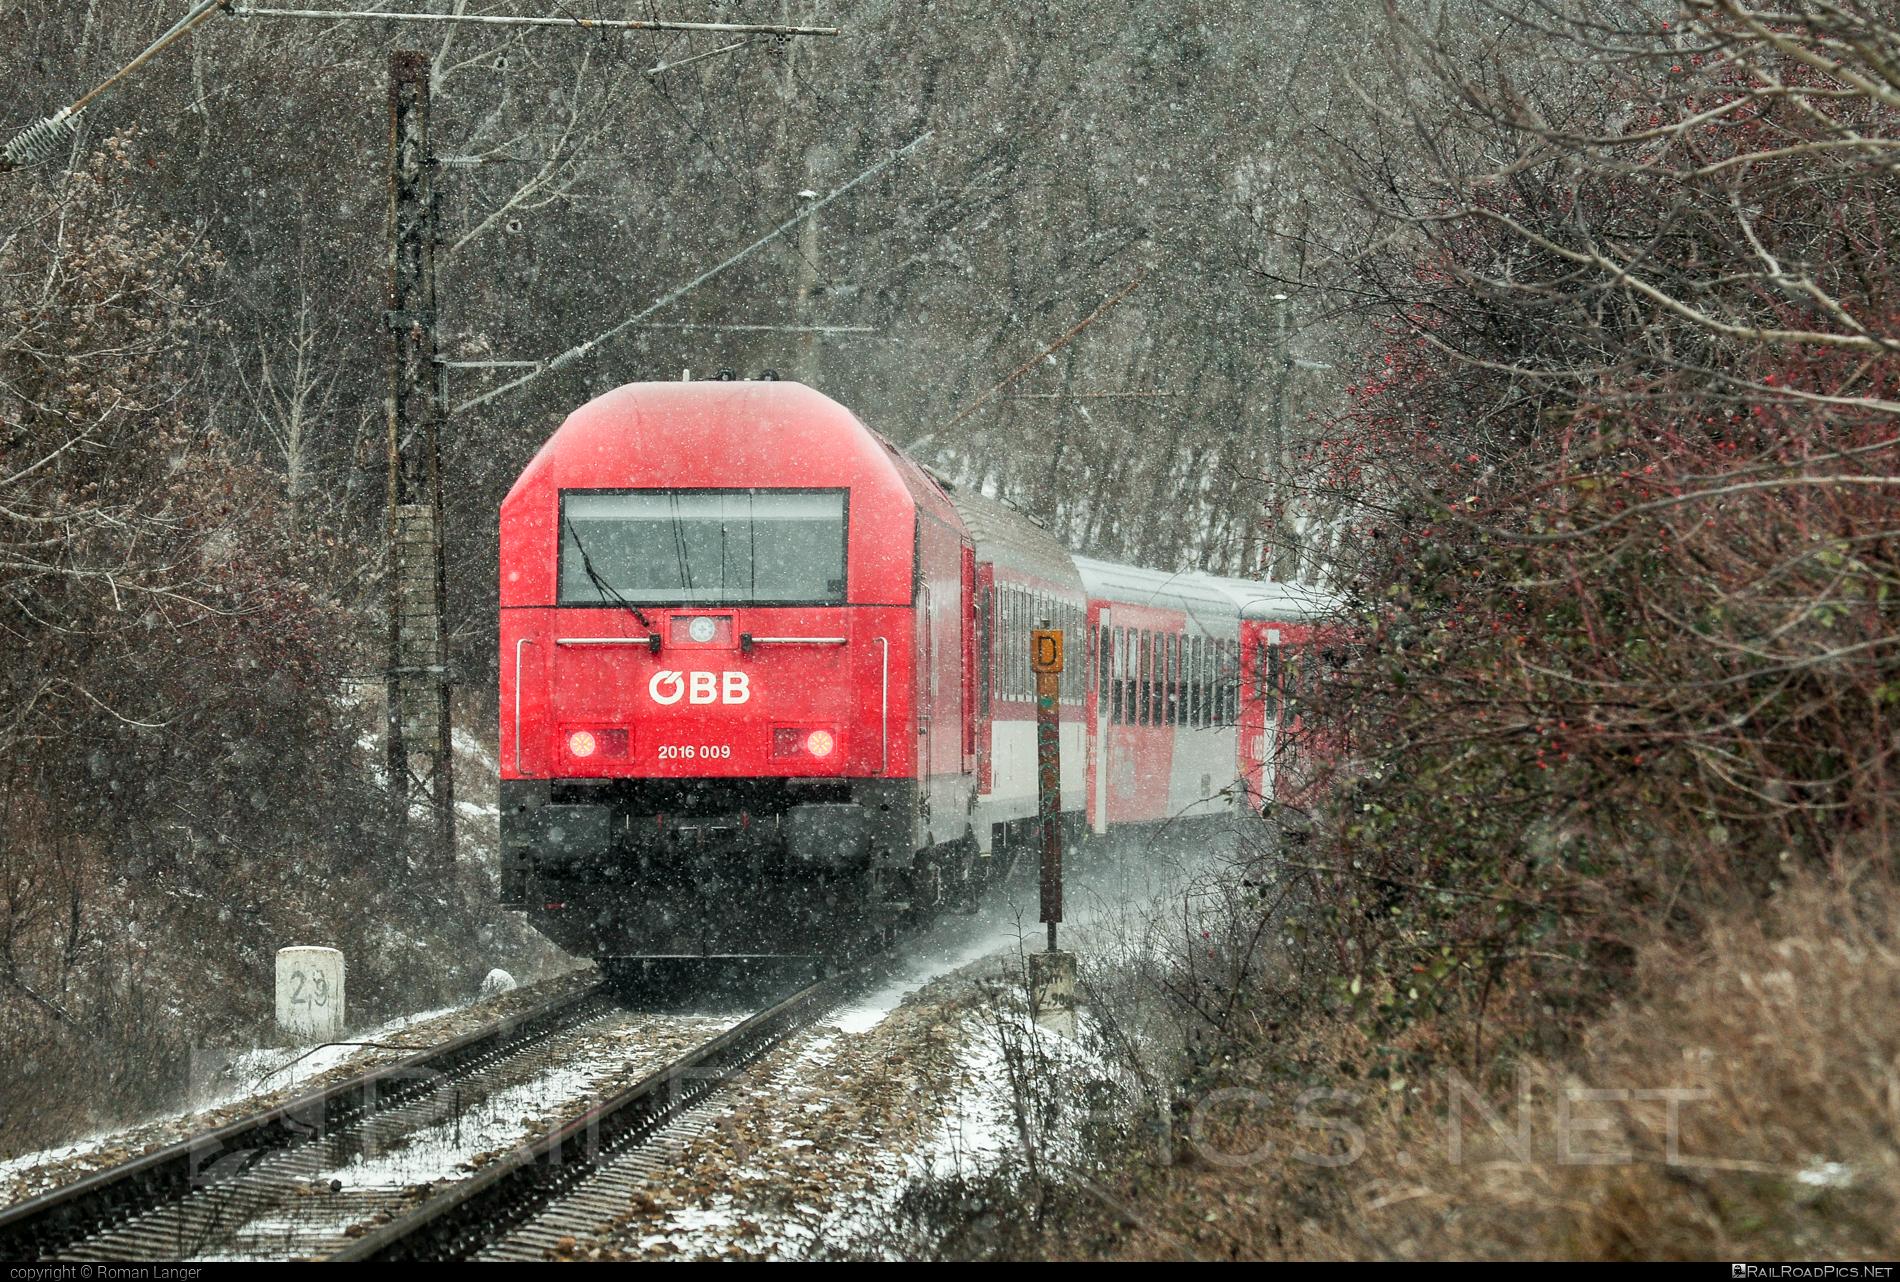 Siemens ER20 - 2016 009 operated by Österreichische Bundesbahnen #er20 #er20hercules #eurorunner #hercules #obb #osterreichischebundesbahnen #siemens #siemenser20 #siemenser20hercules #siemenseurorunner #siemenshercules